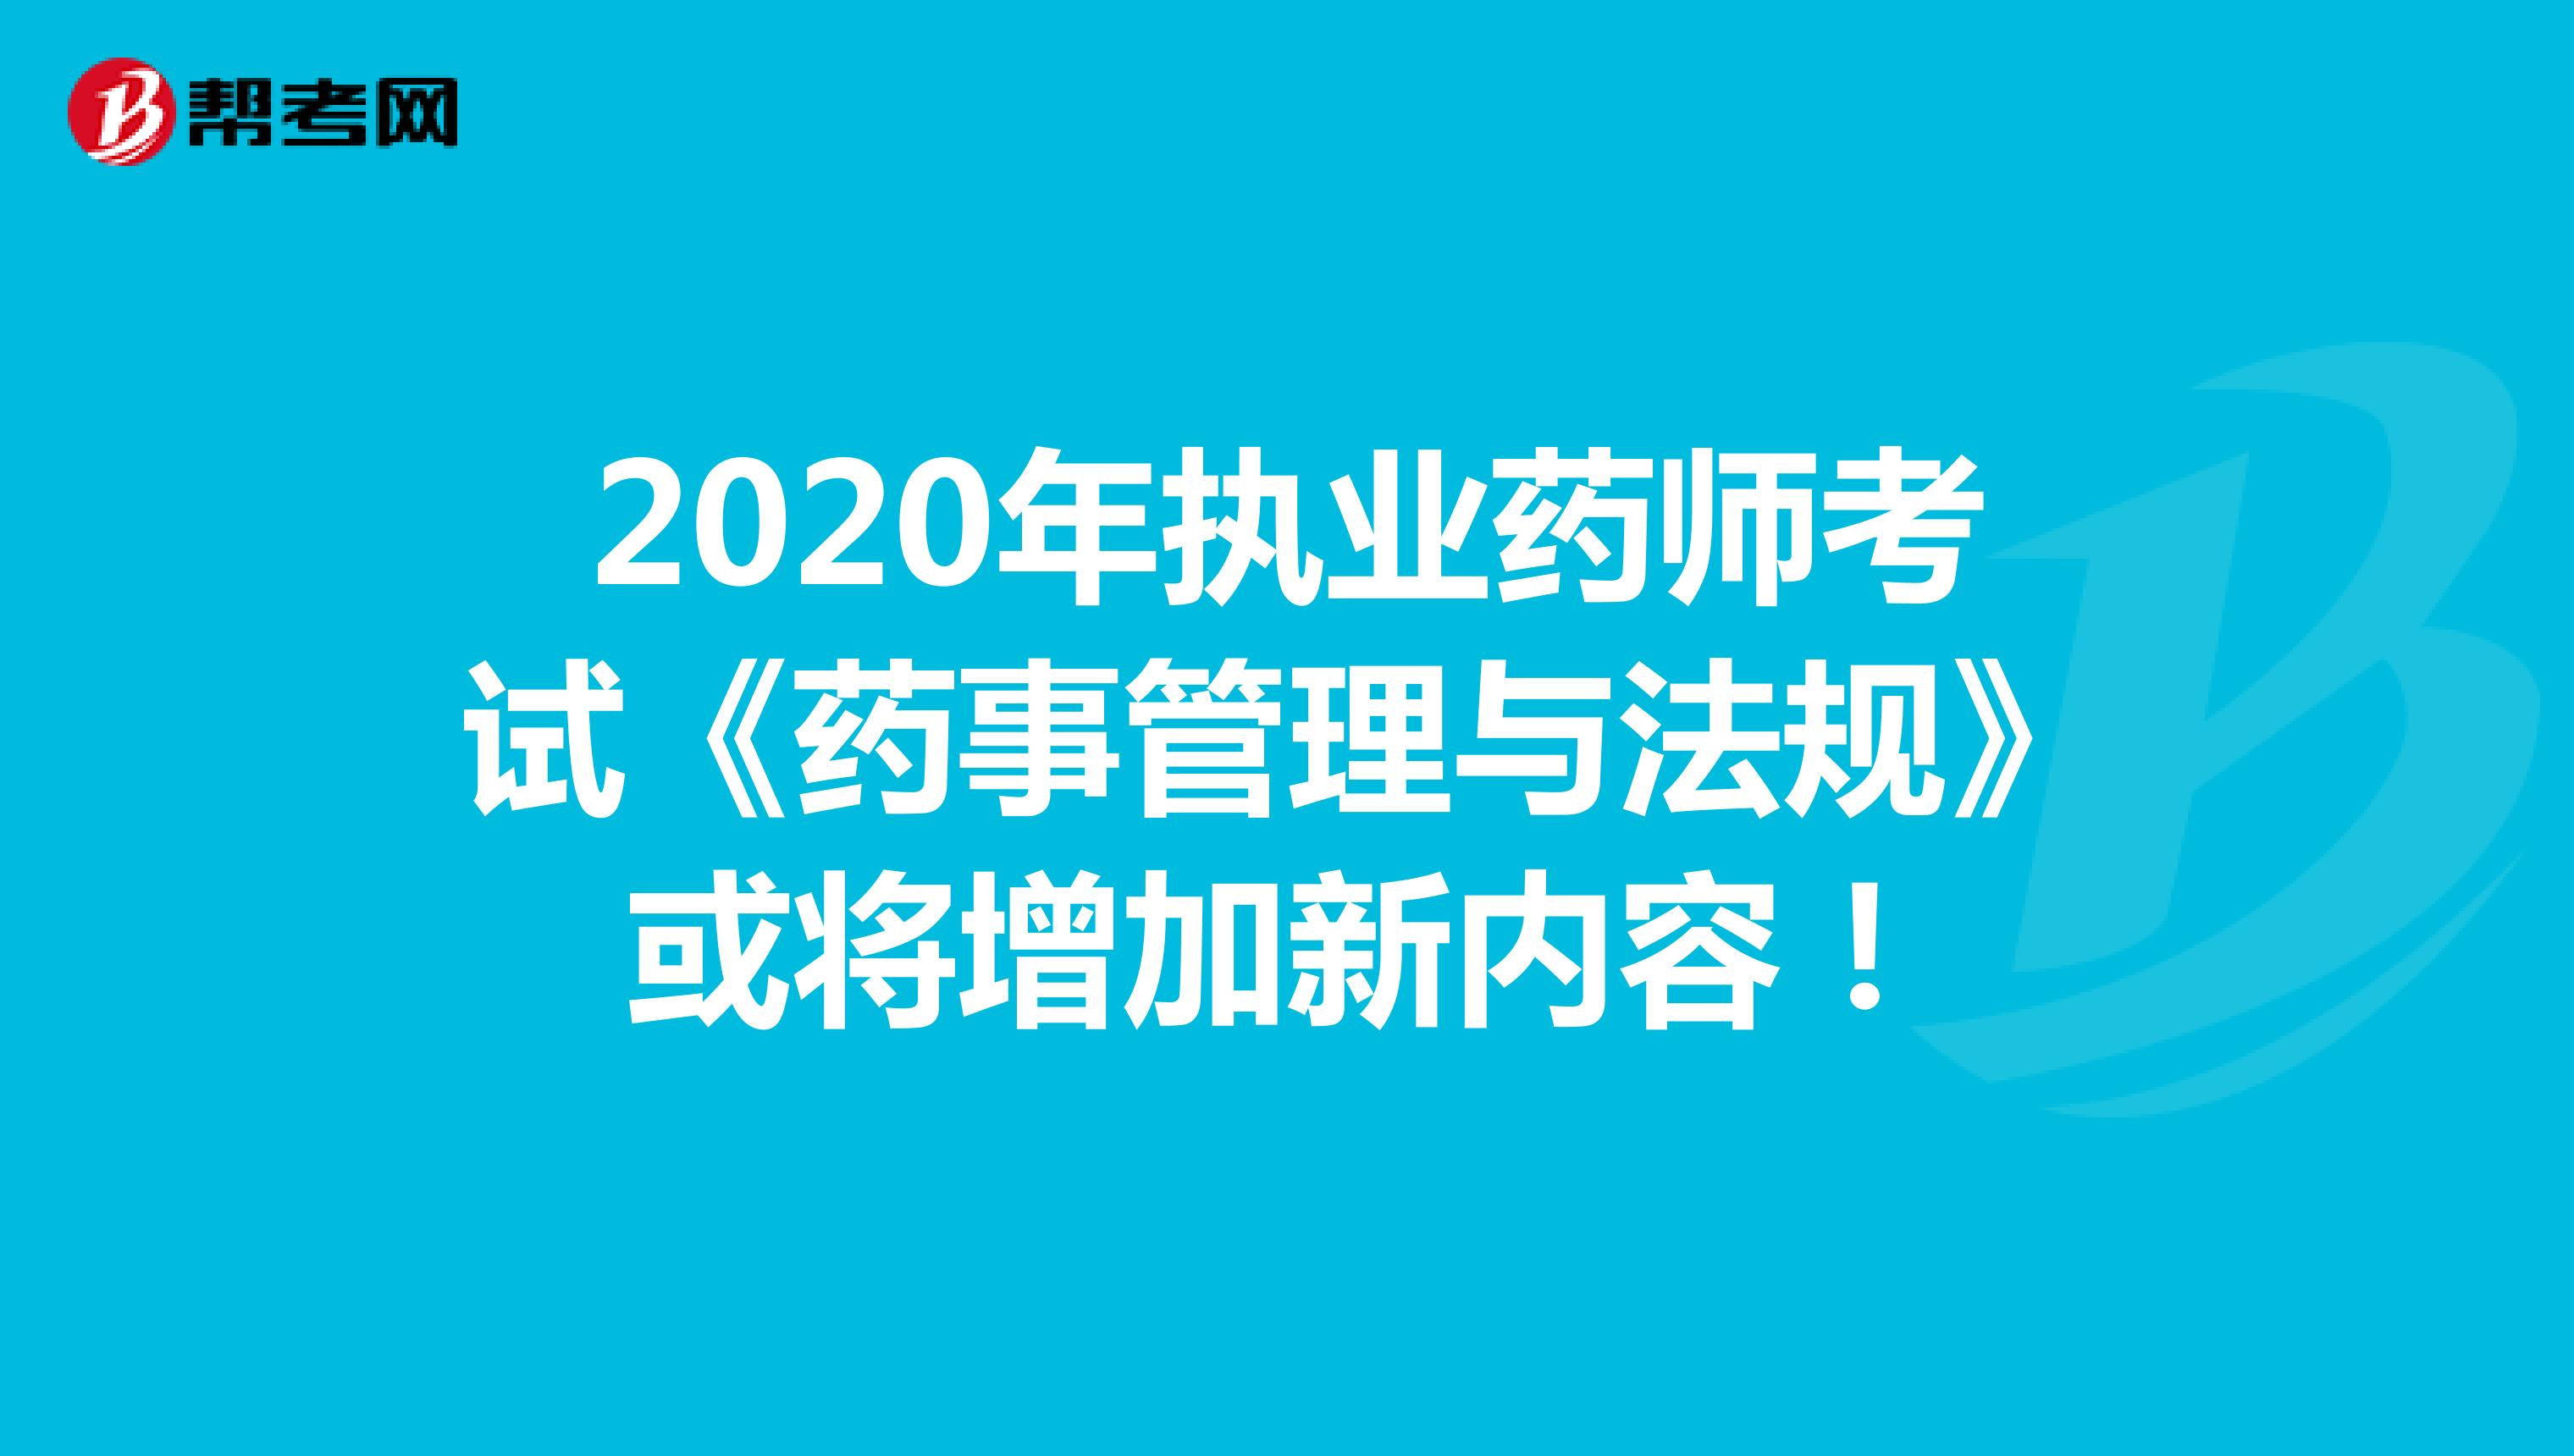 2020年执业药师考试《药事管理与法规》或将增加新内容!